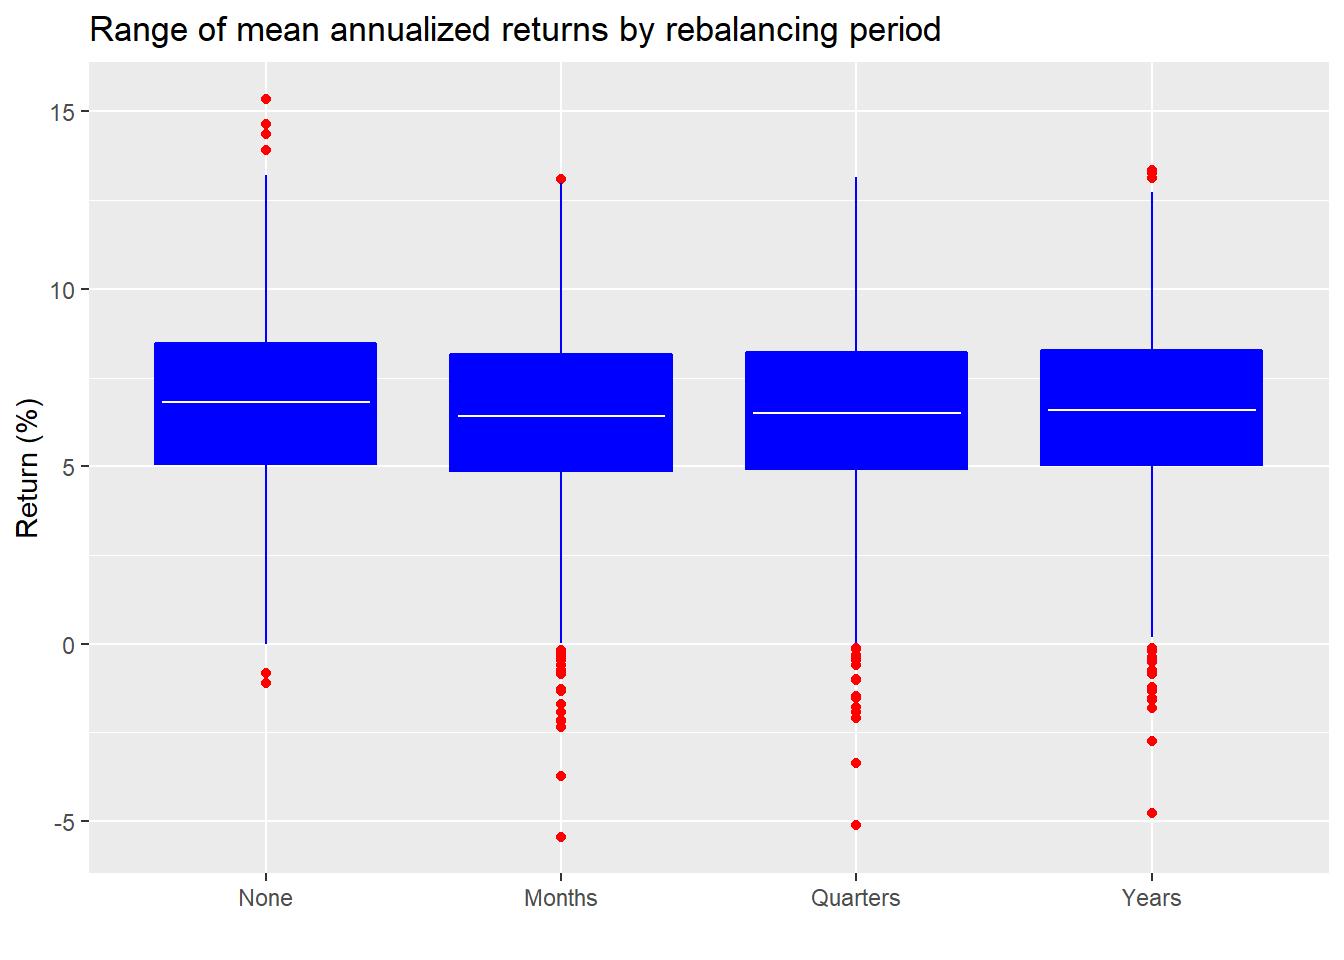 Rebalancing history